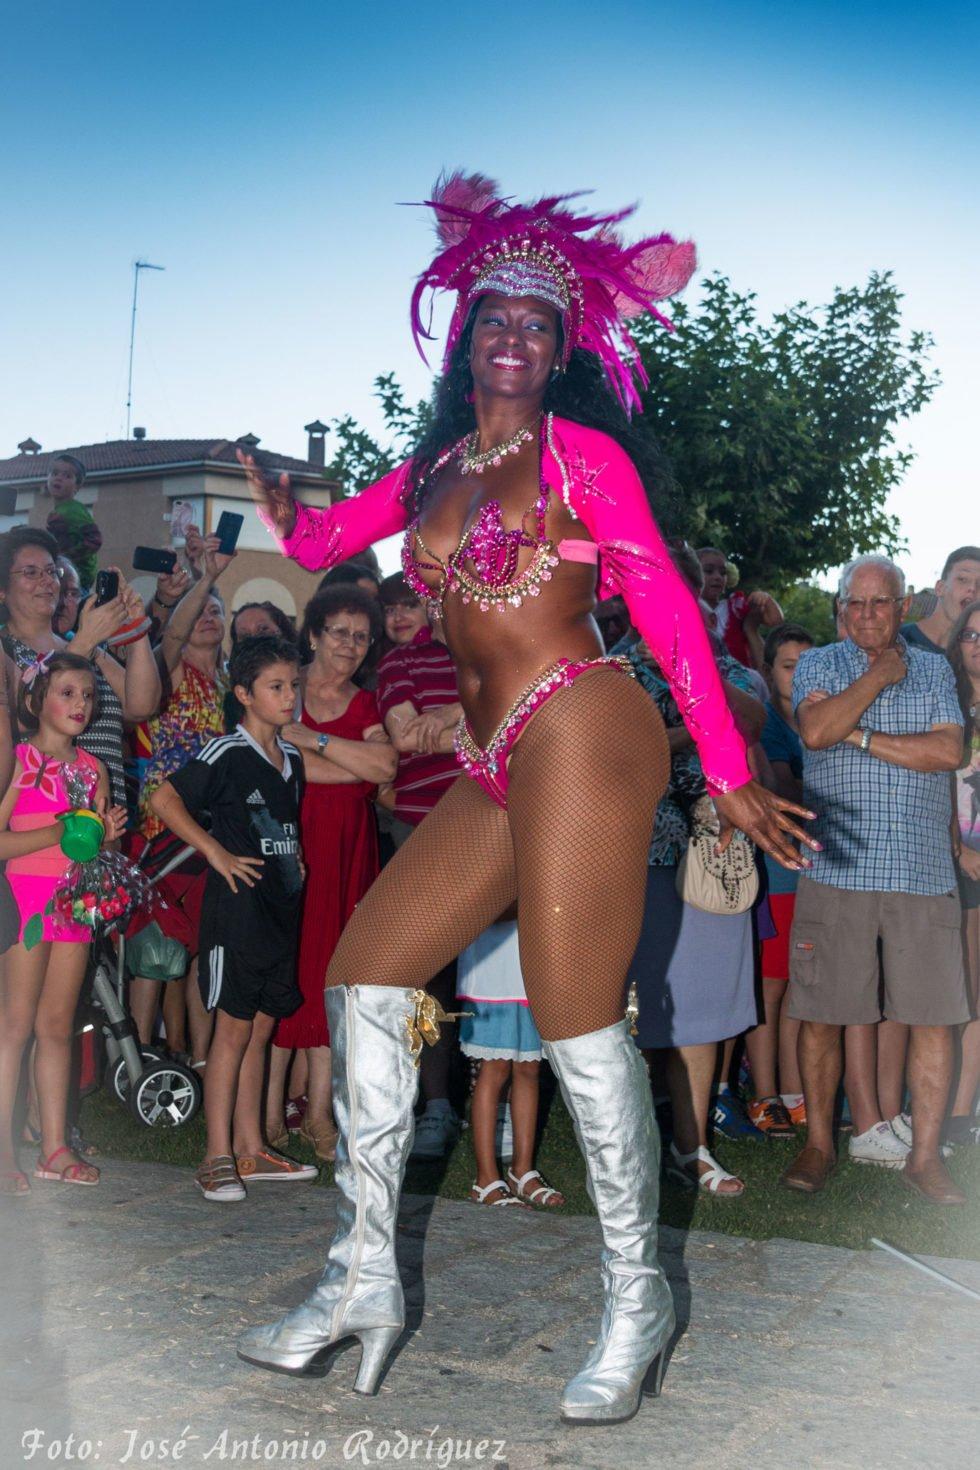 carnaval-de-verano-2015_20242402812_o